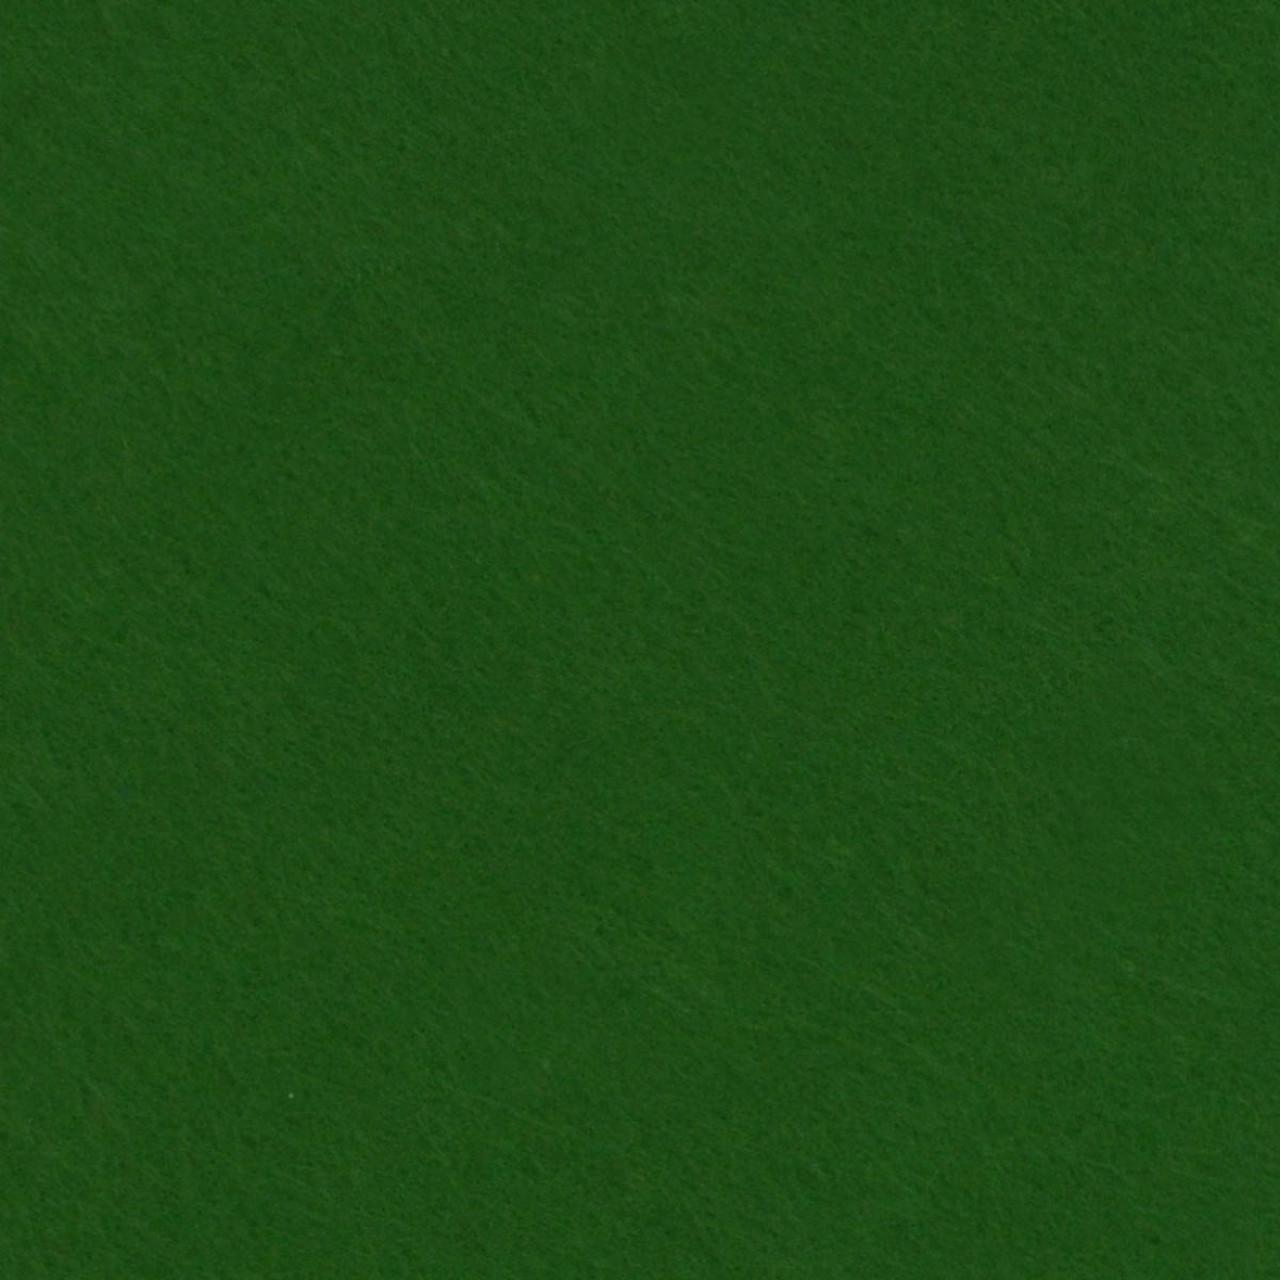 Фетр  жотсткий світло-зелений  21*30см (10л) Santi